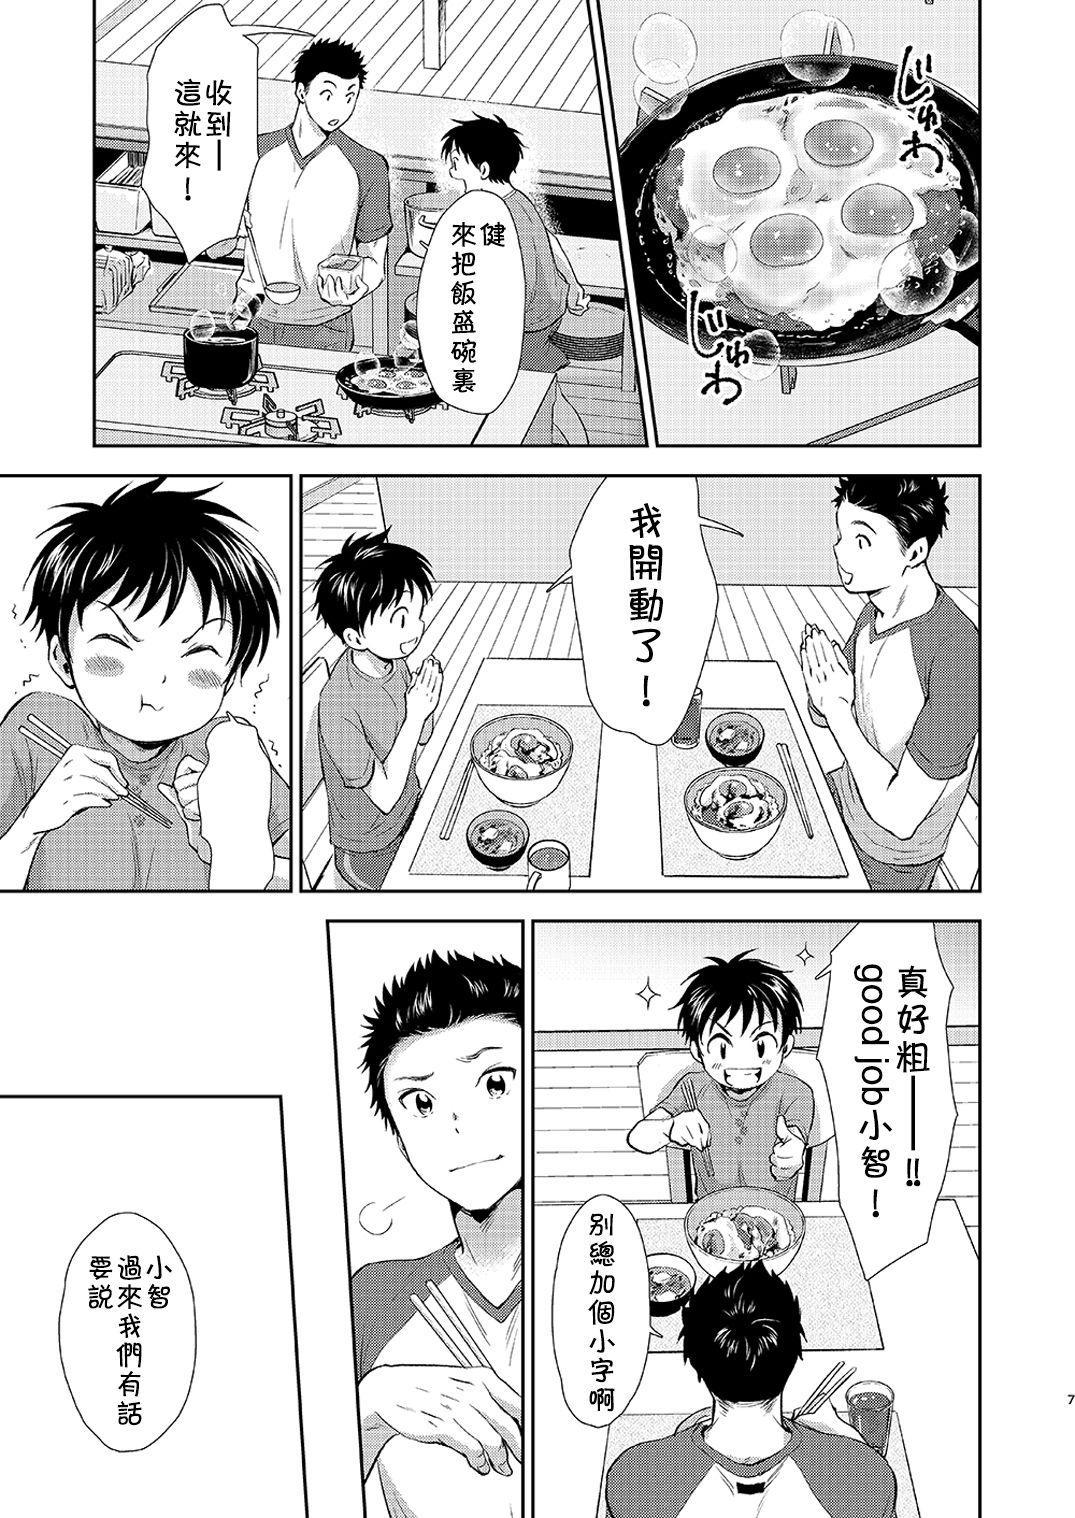 Kekkon Kinenbi no Sugoshikata 6